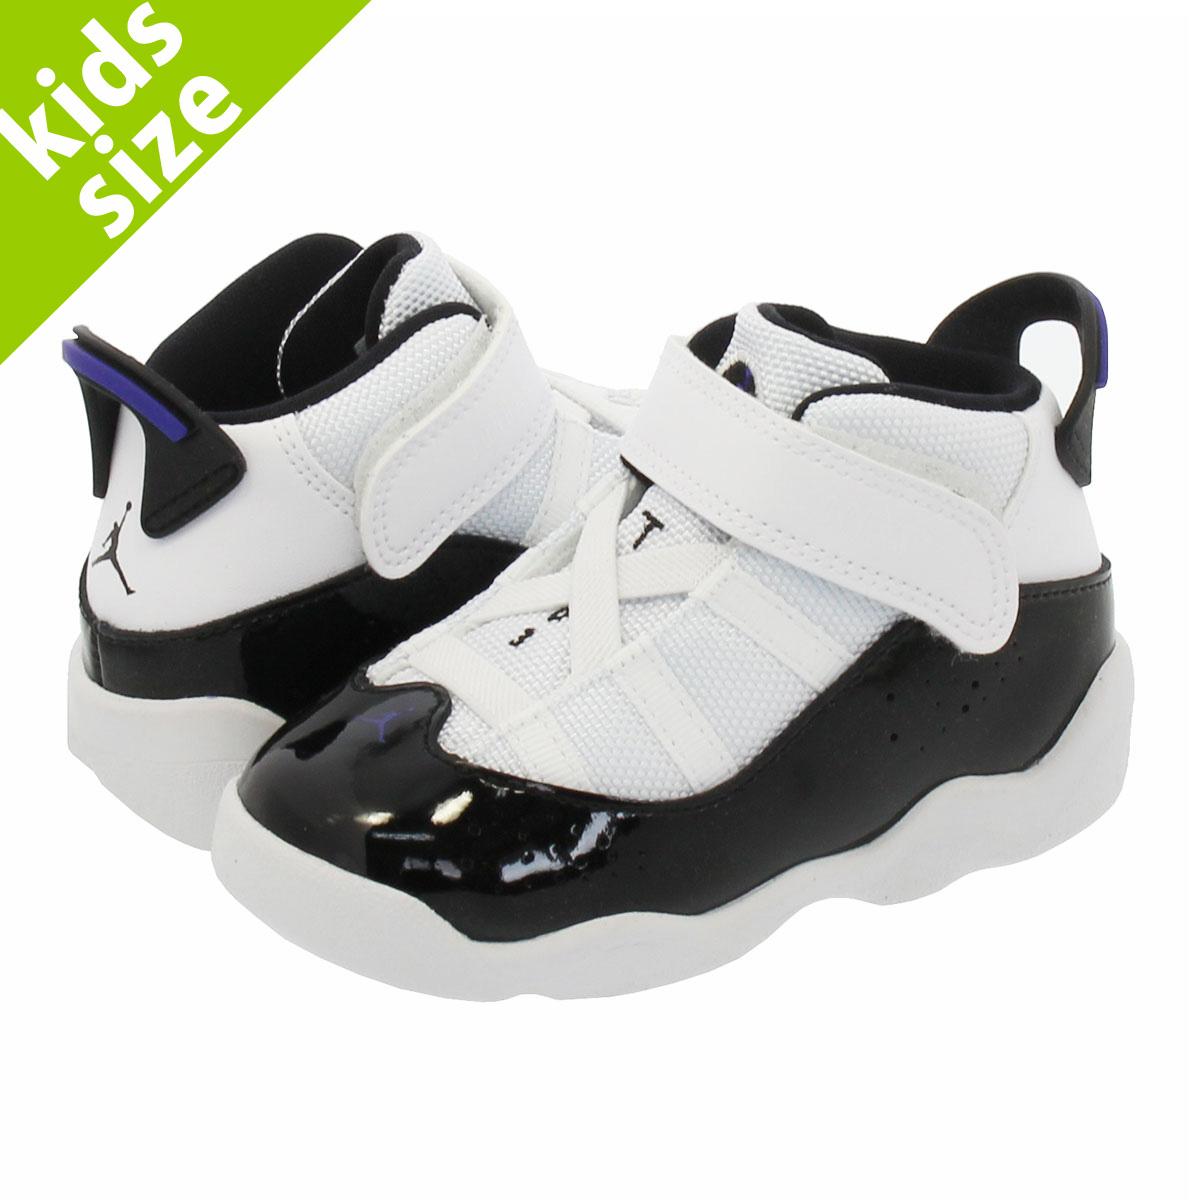 d0ad8580e1b SELECT SHOP LOWTEX: NIKE JORDAN 6 RINGS TD Nike Jordan 6 RINGS Co.,Ltd. TD  WHITE/BLACK | Rakuten Global Market